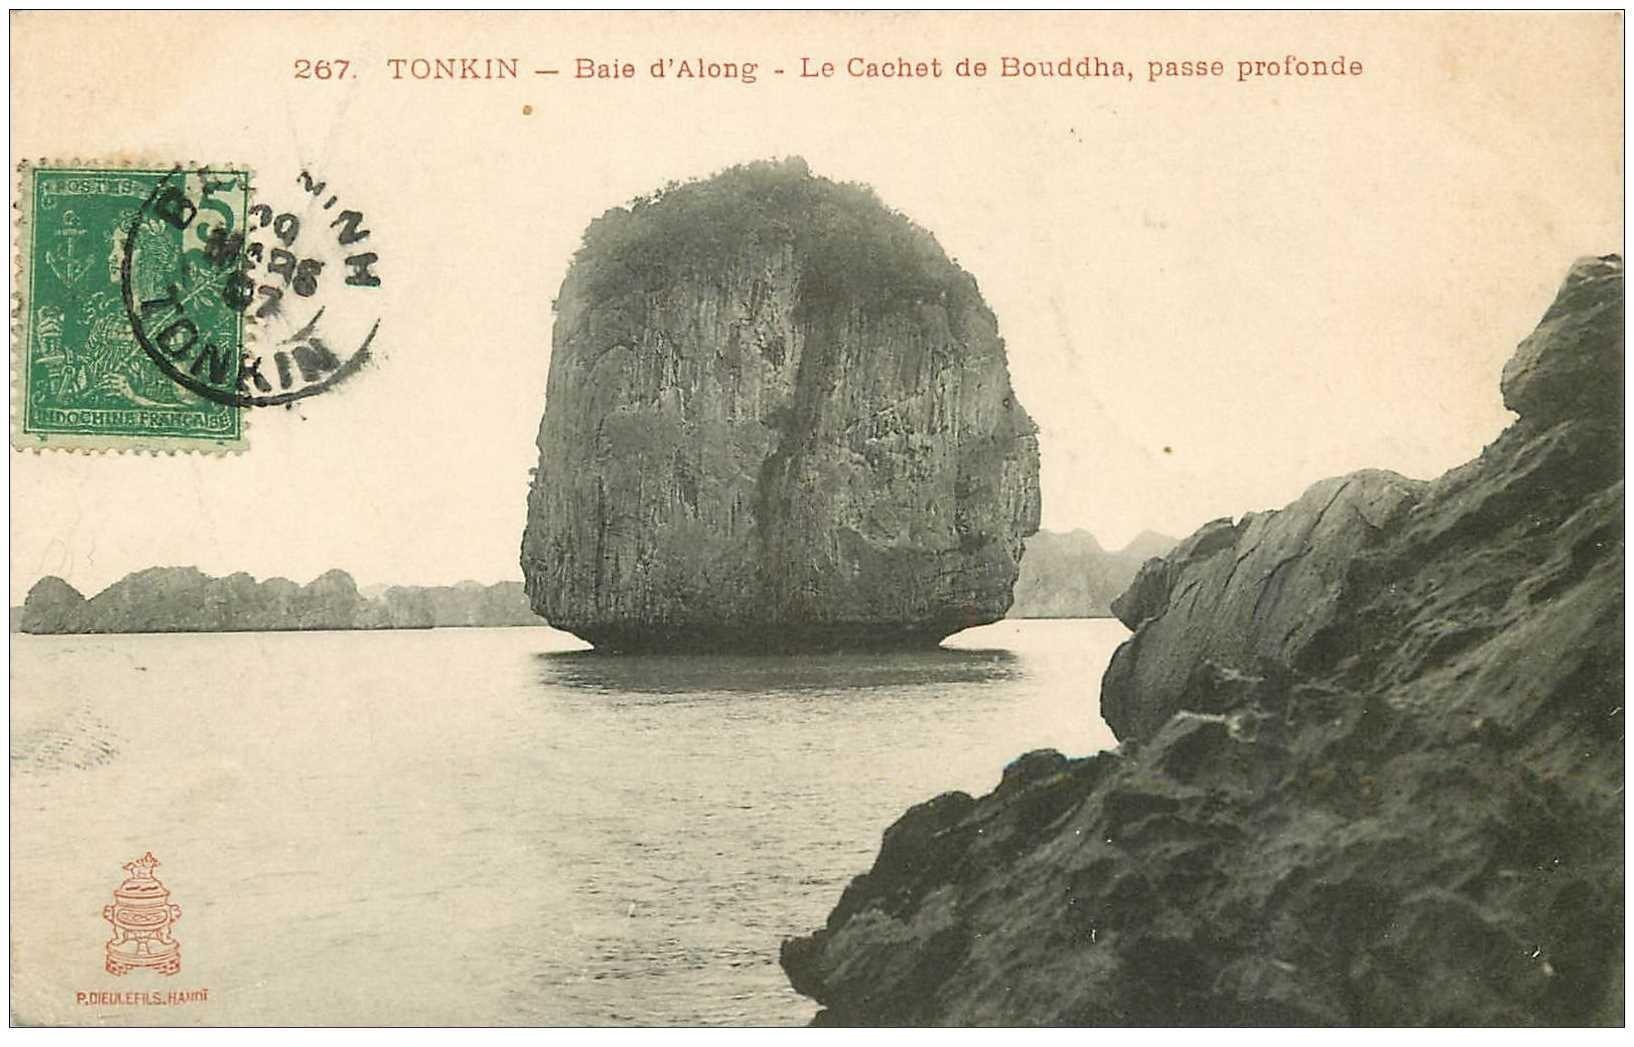 carte postale ancienne Viêt-Nam. TONKIN. Baie Along Cachet de Bouddha passe profonde 1907